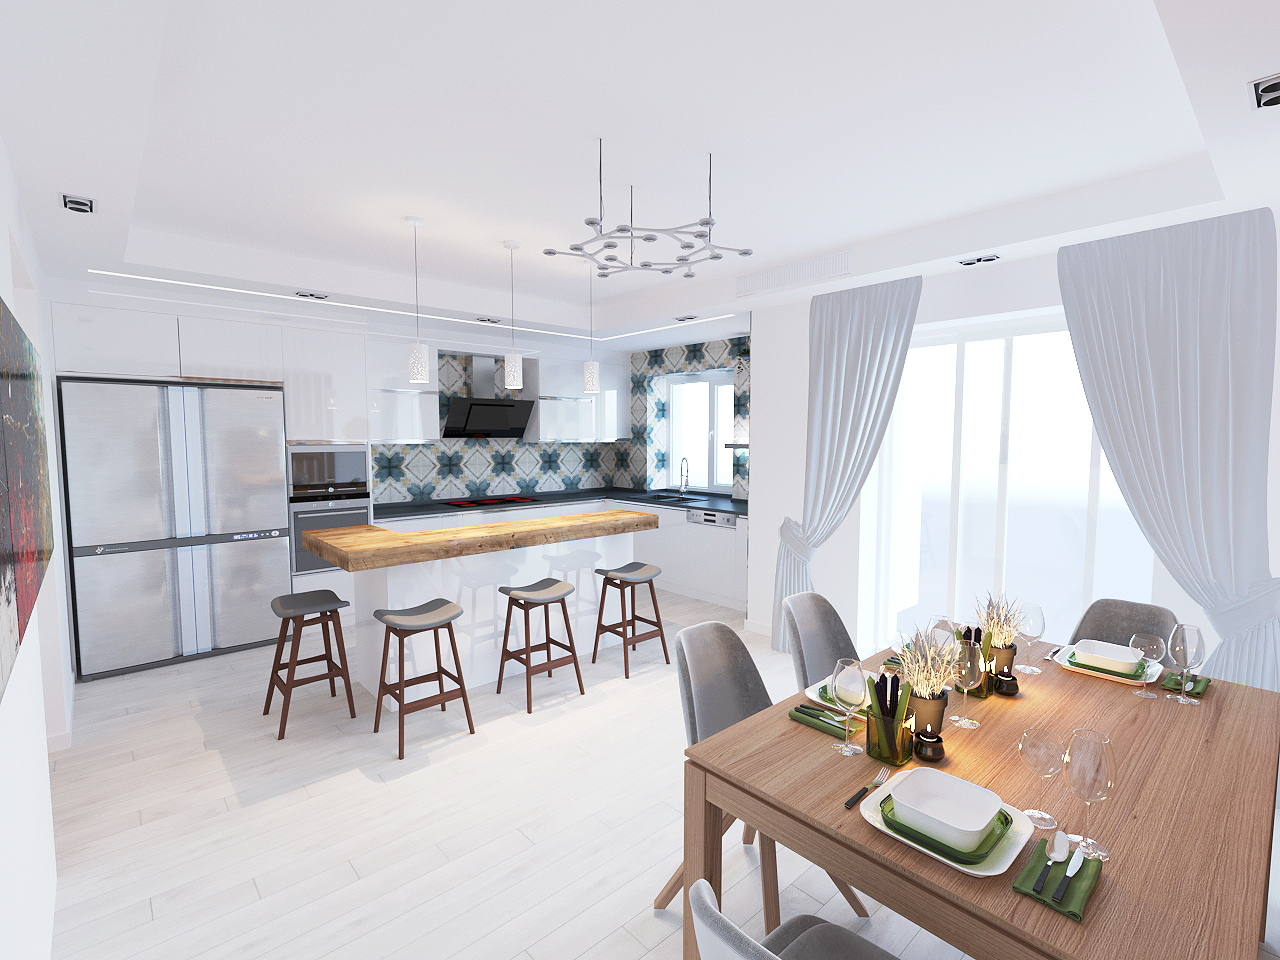 Дизайн проект интерьера первого уровня квартиры 69,9 м.кв. фото f_6605a8533cdbc1f0.jpg